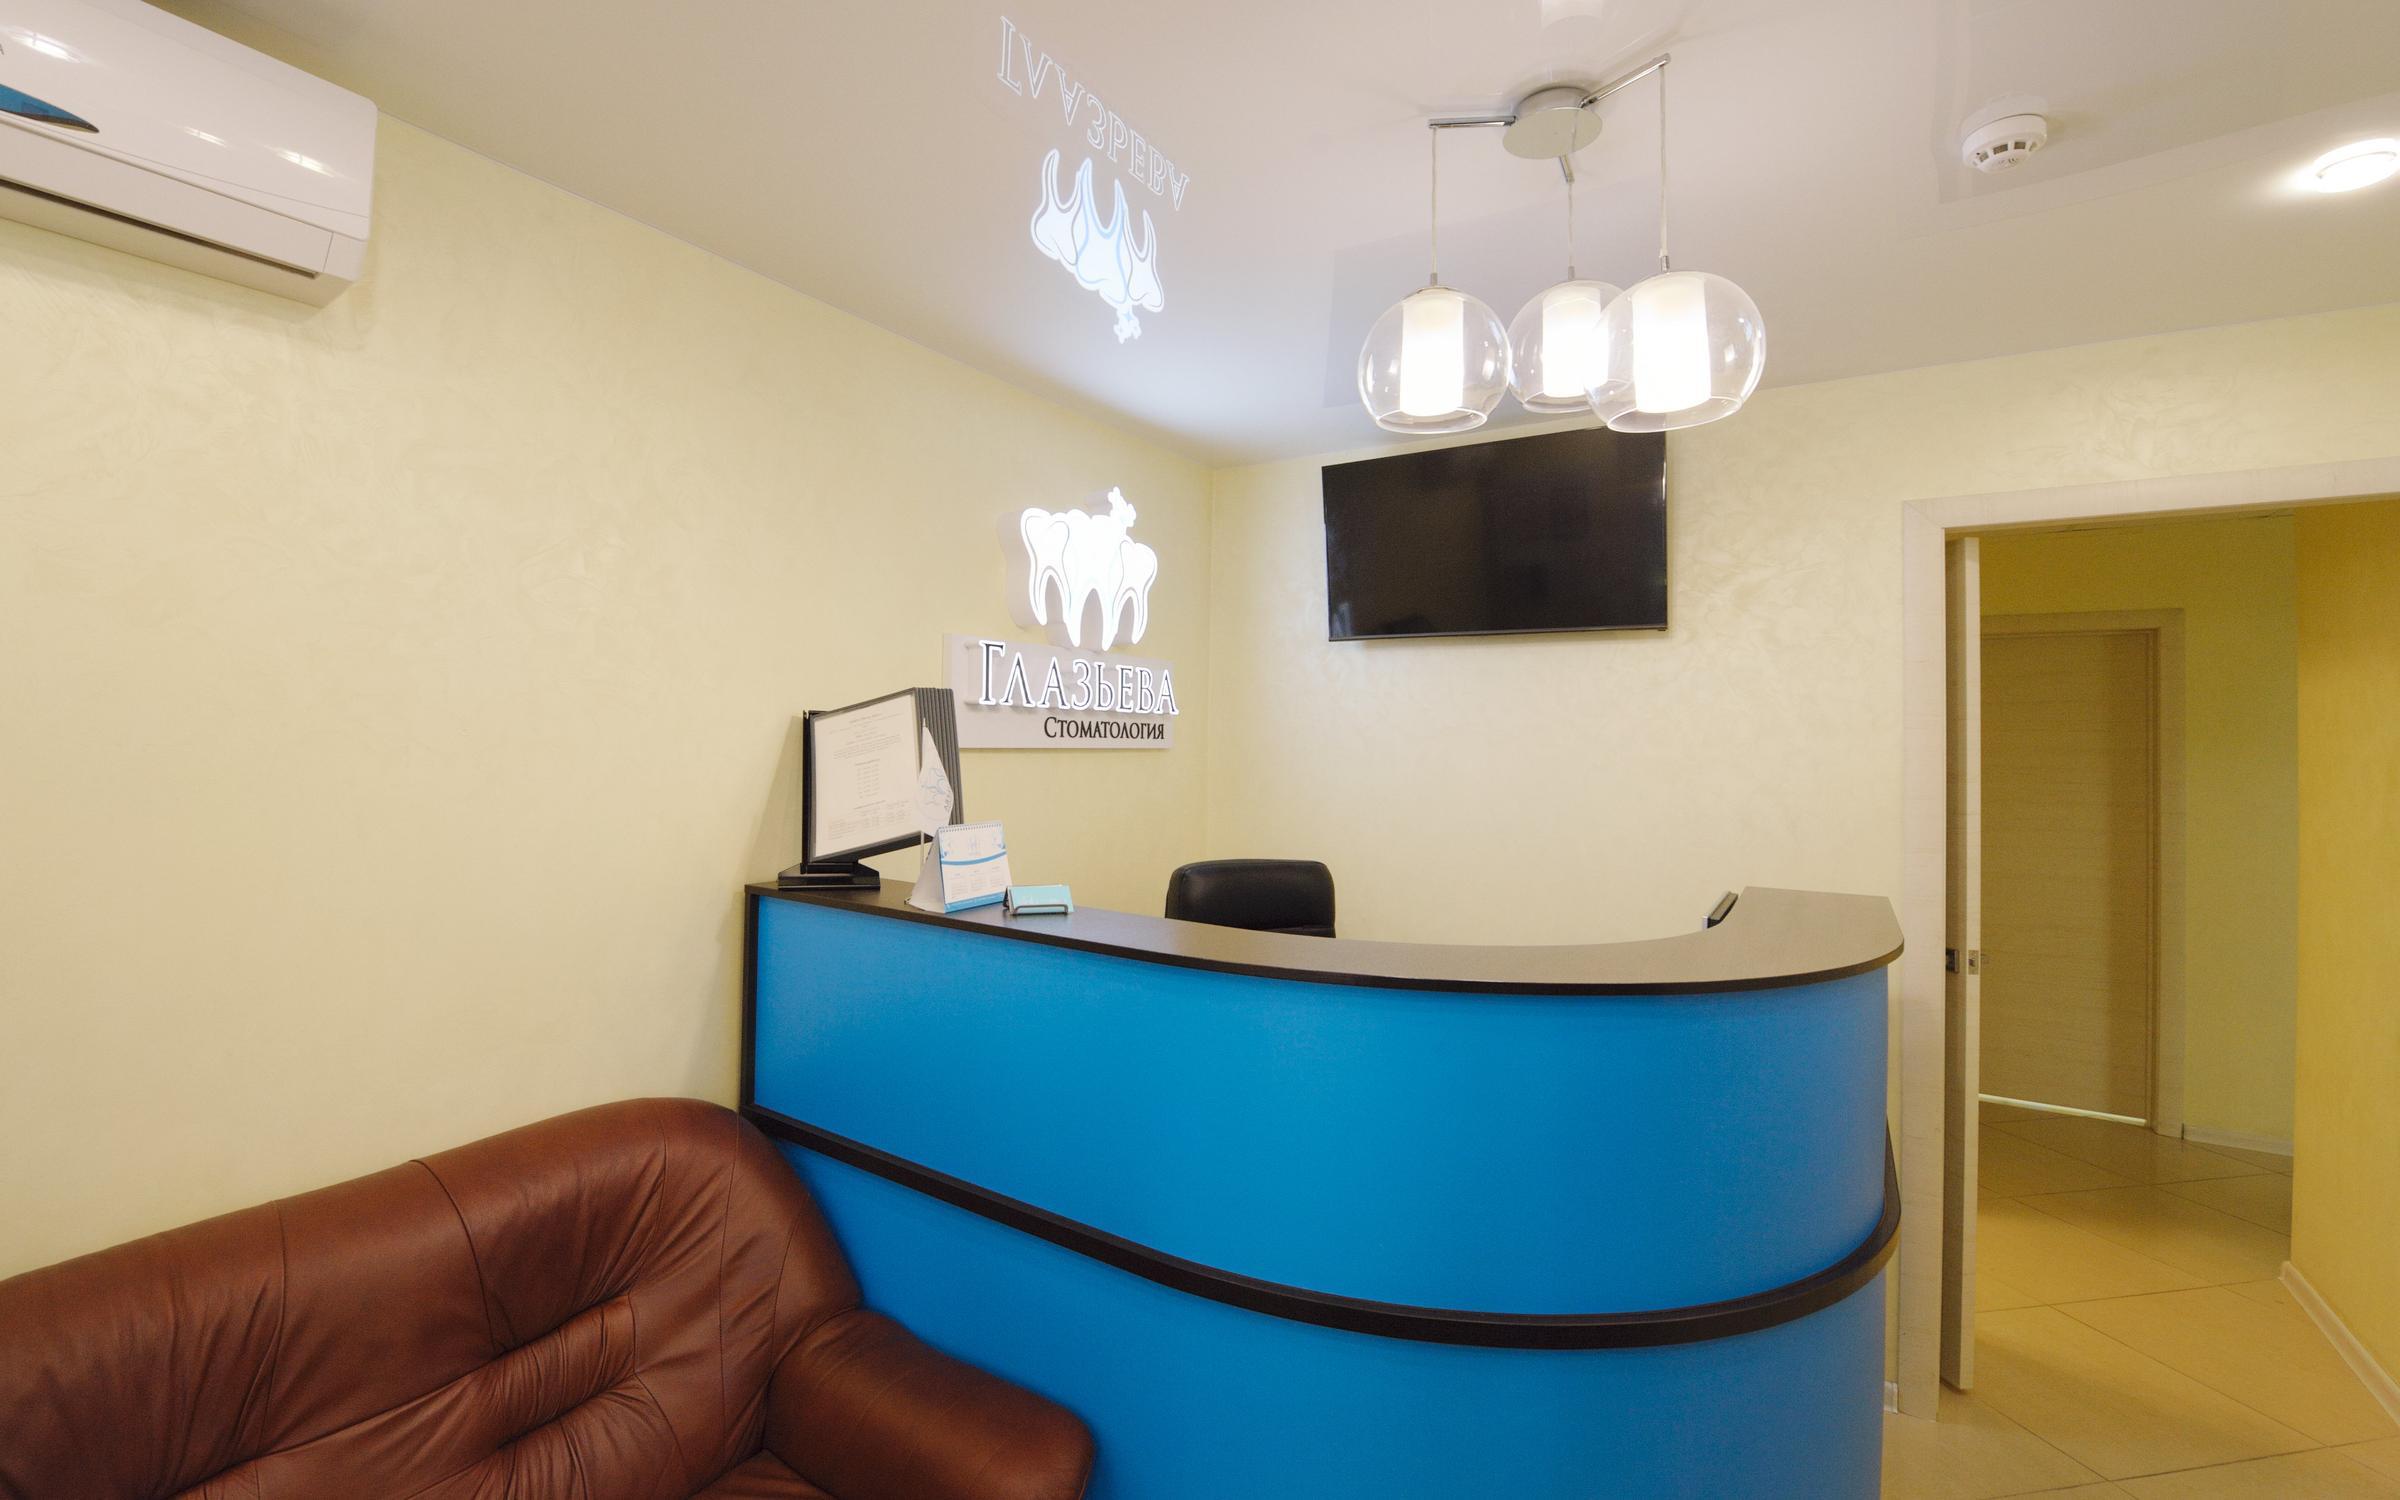 фотография Стоматологической клиники Глазьева на бульваре Победы